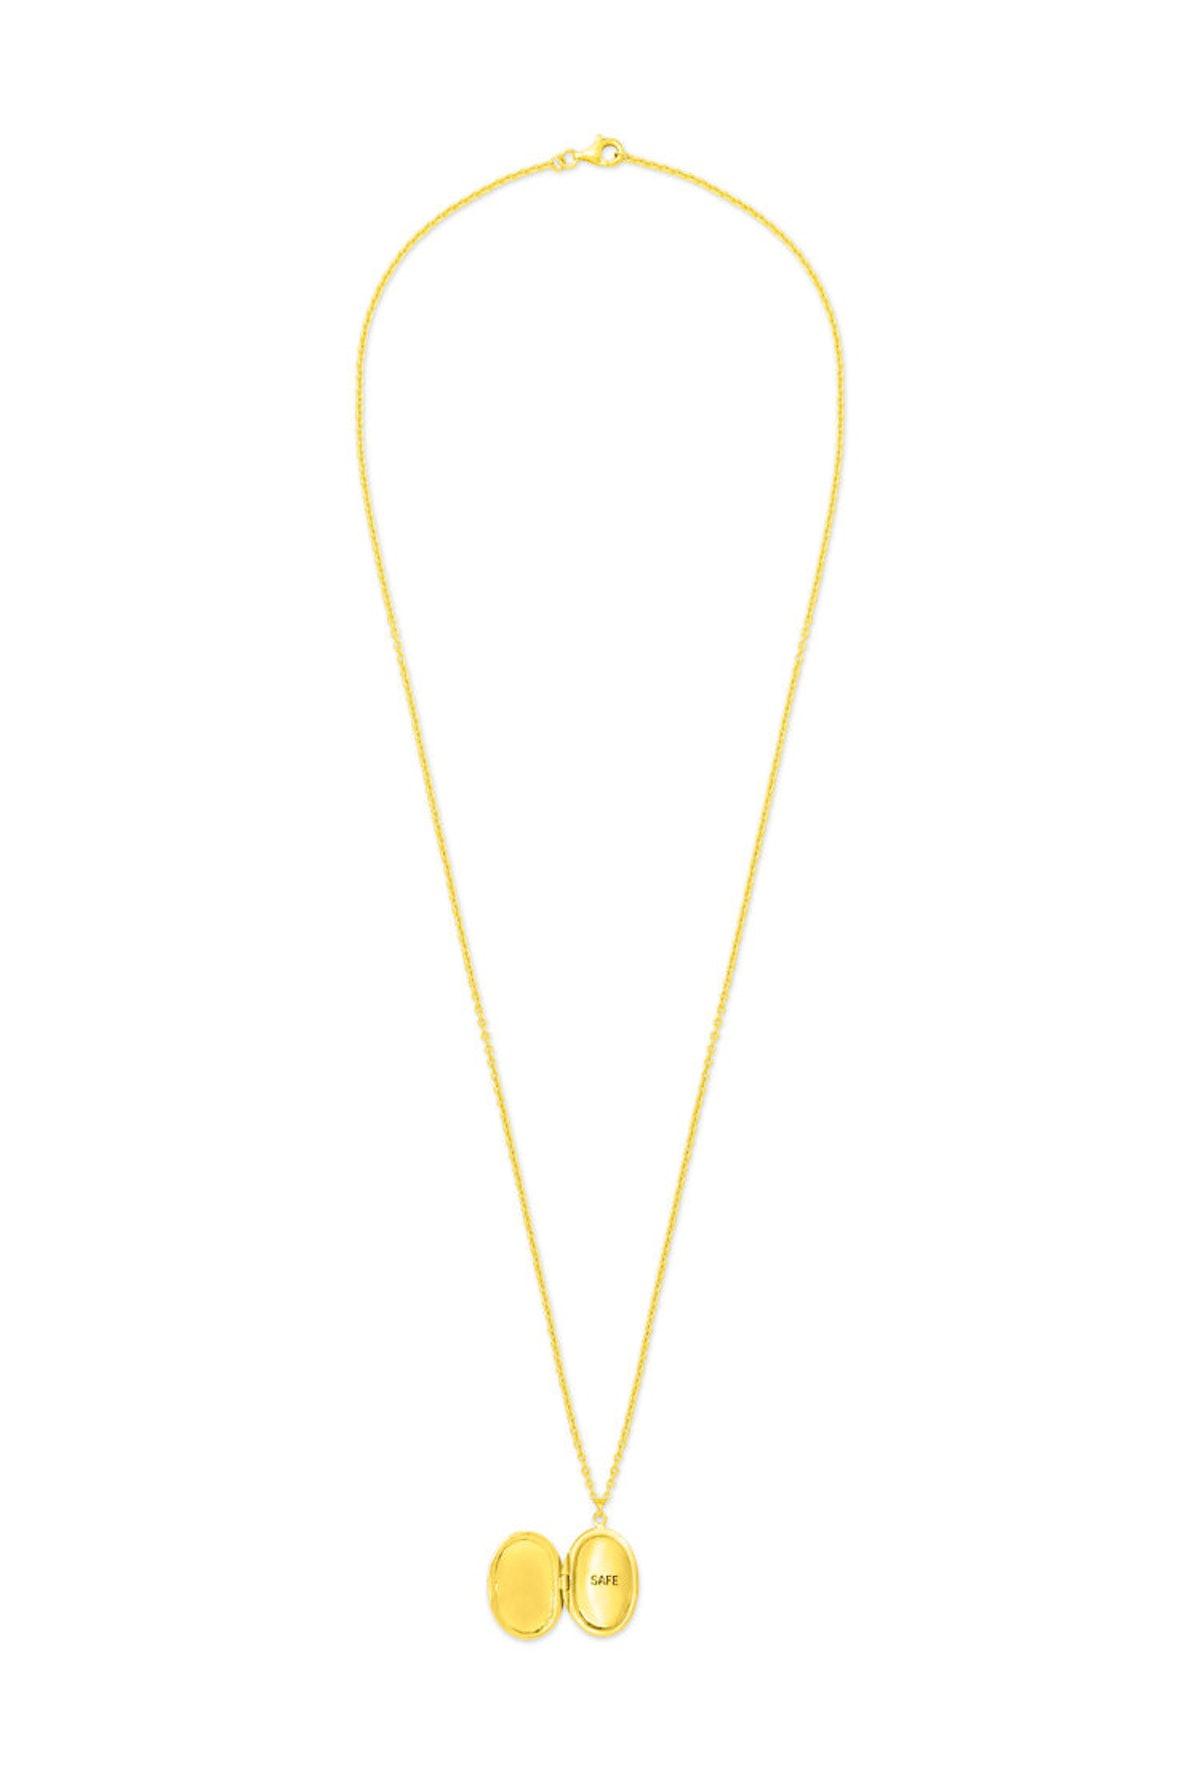 Safe Locket Necklace